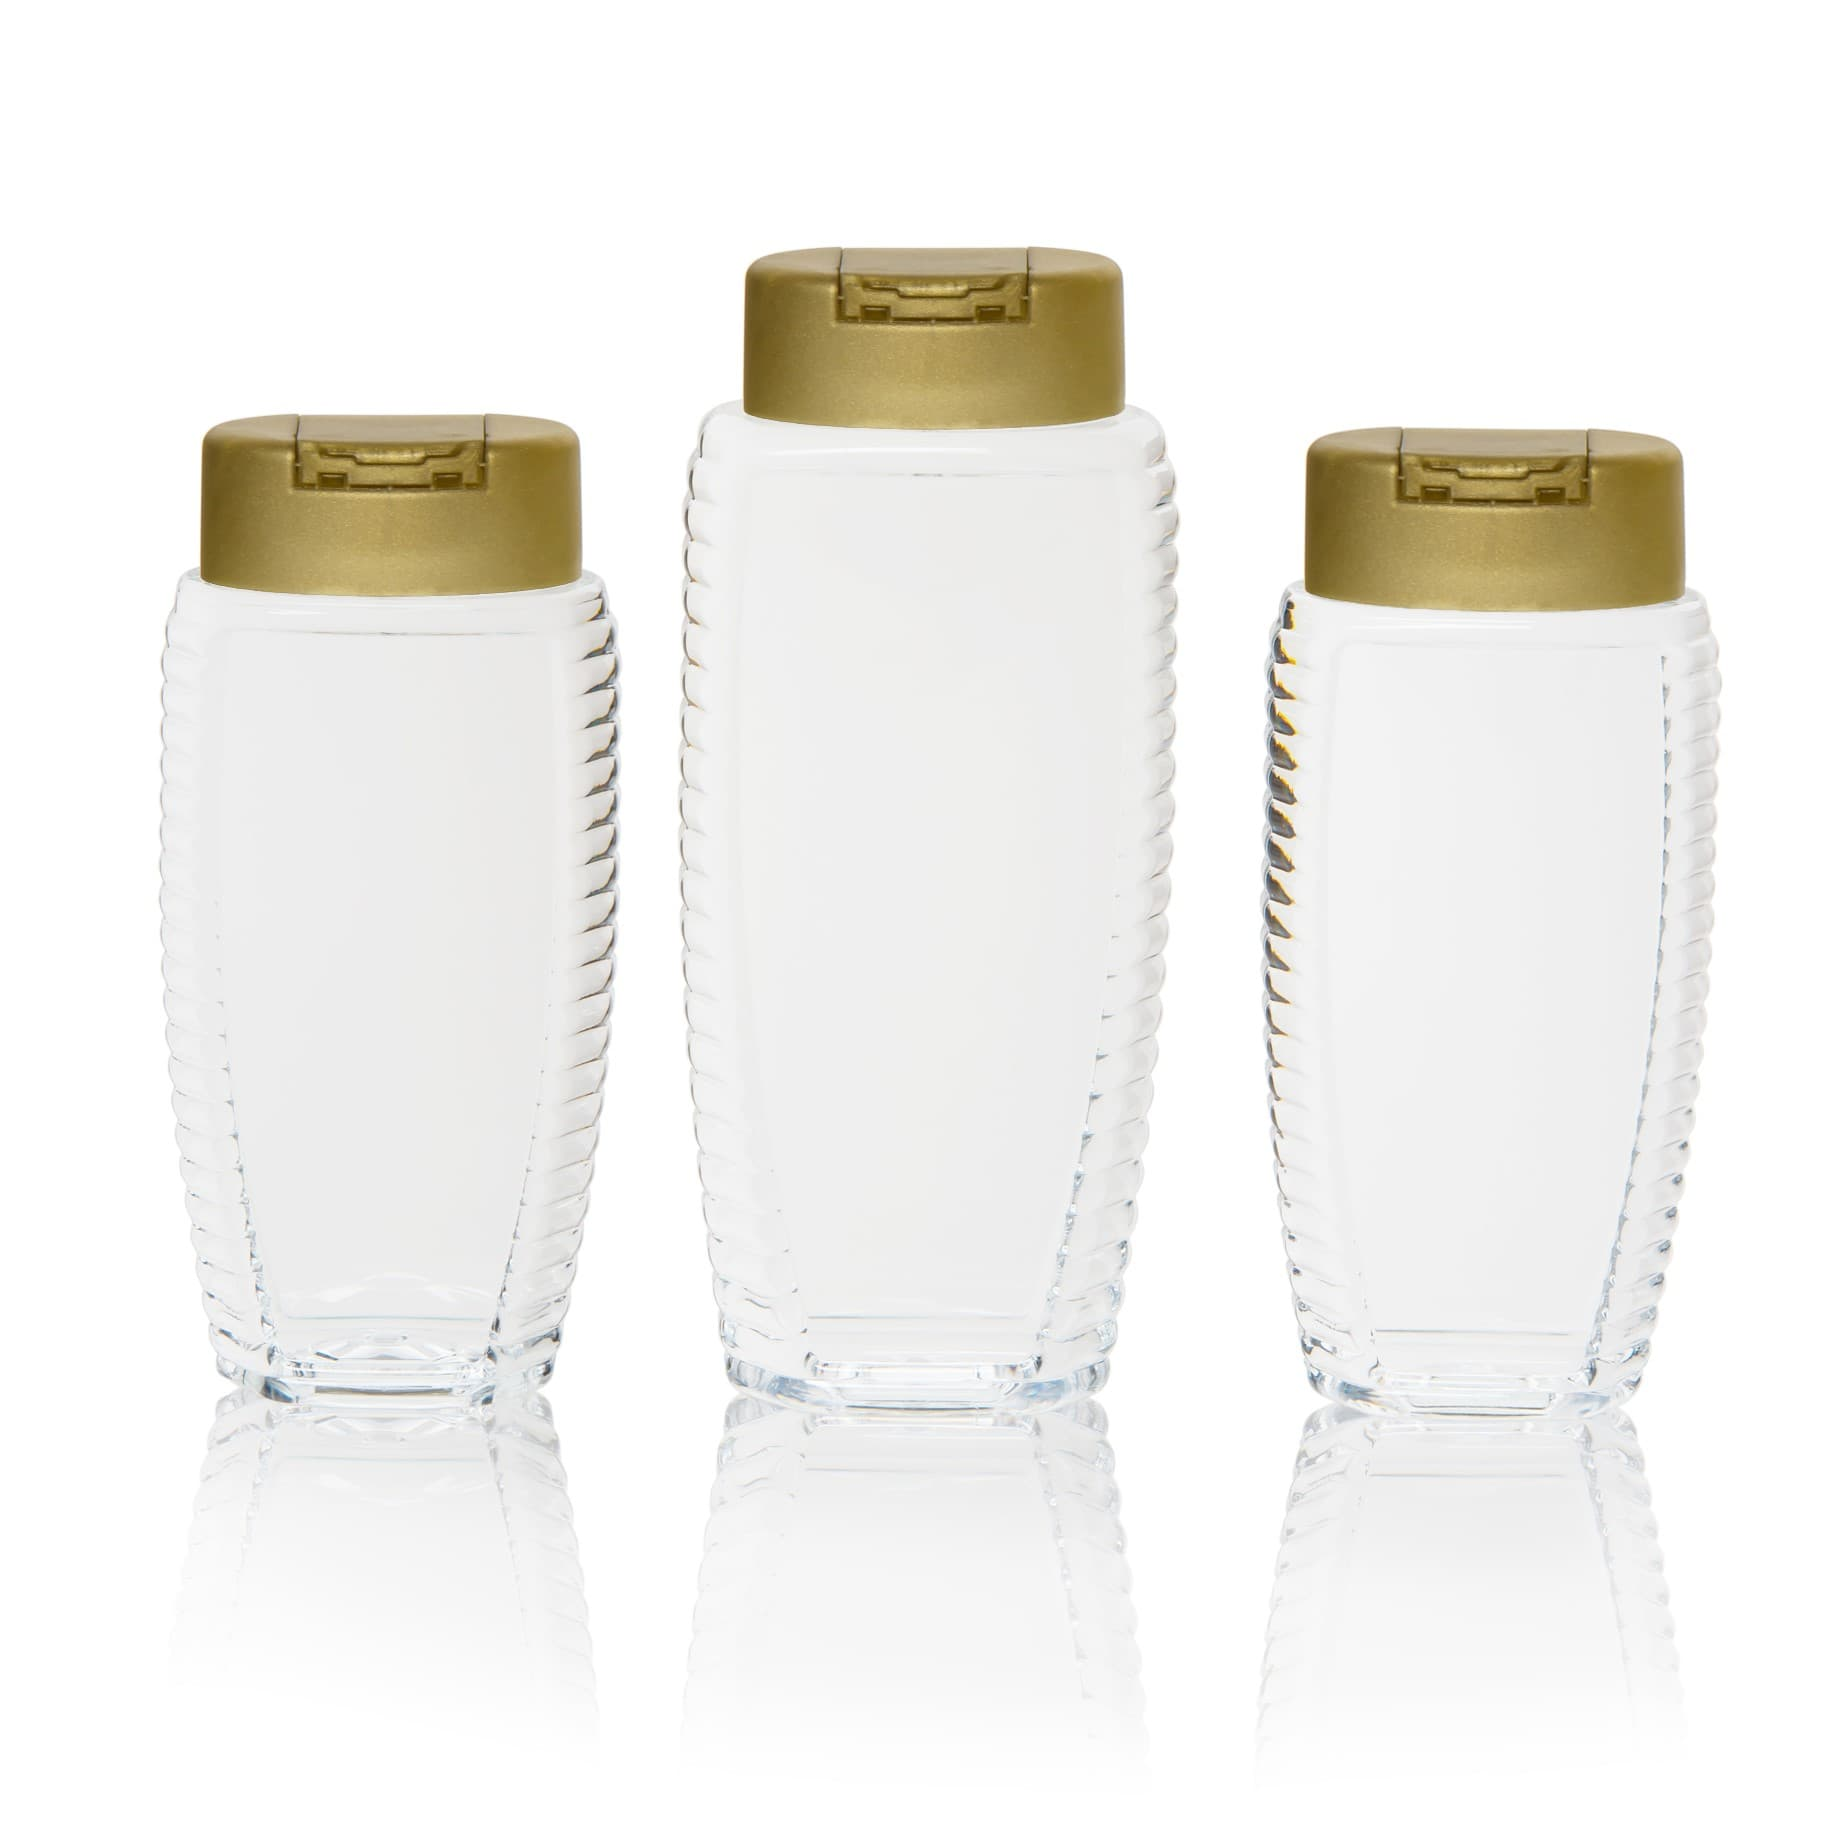 Squeezi-Bee PET Flasche oval, 350 g, Mündung 25 mm inkl. Snap-On Verschluß